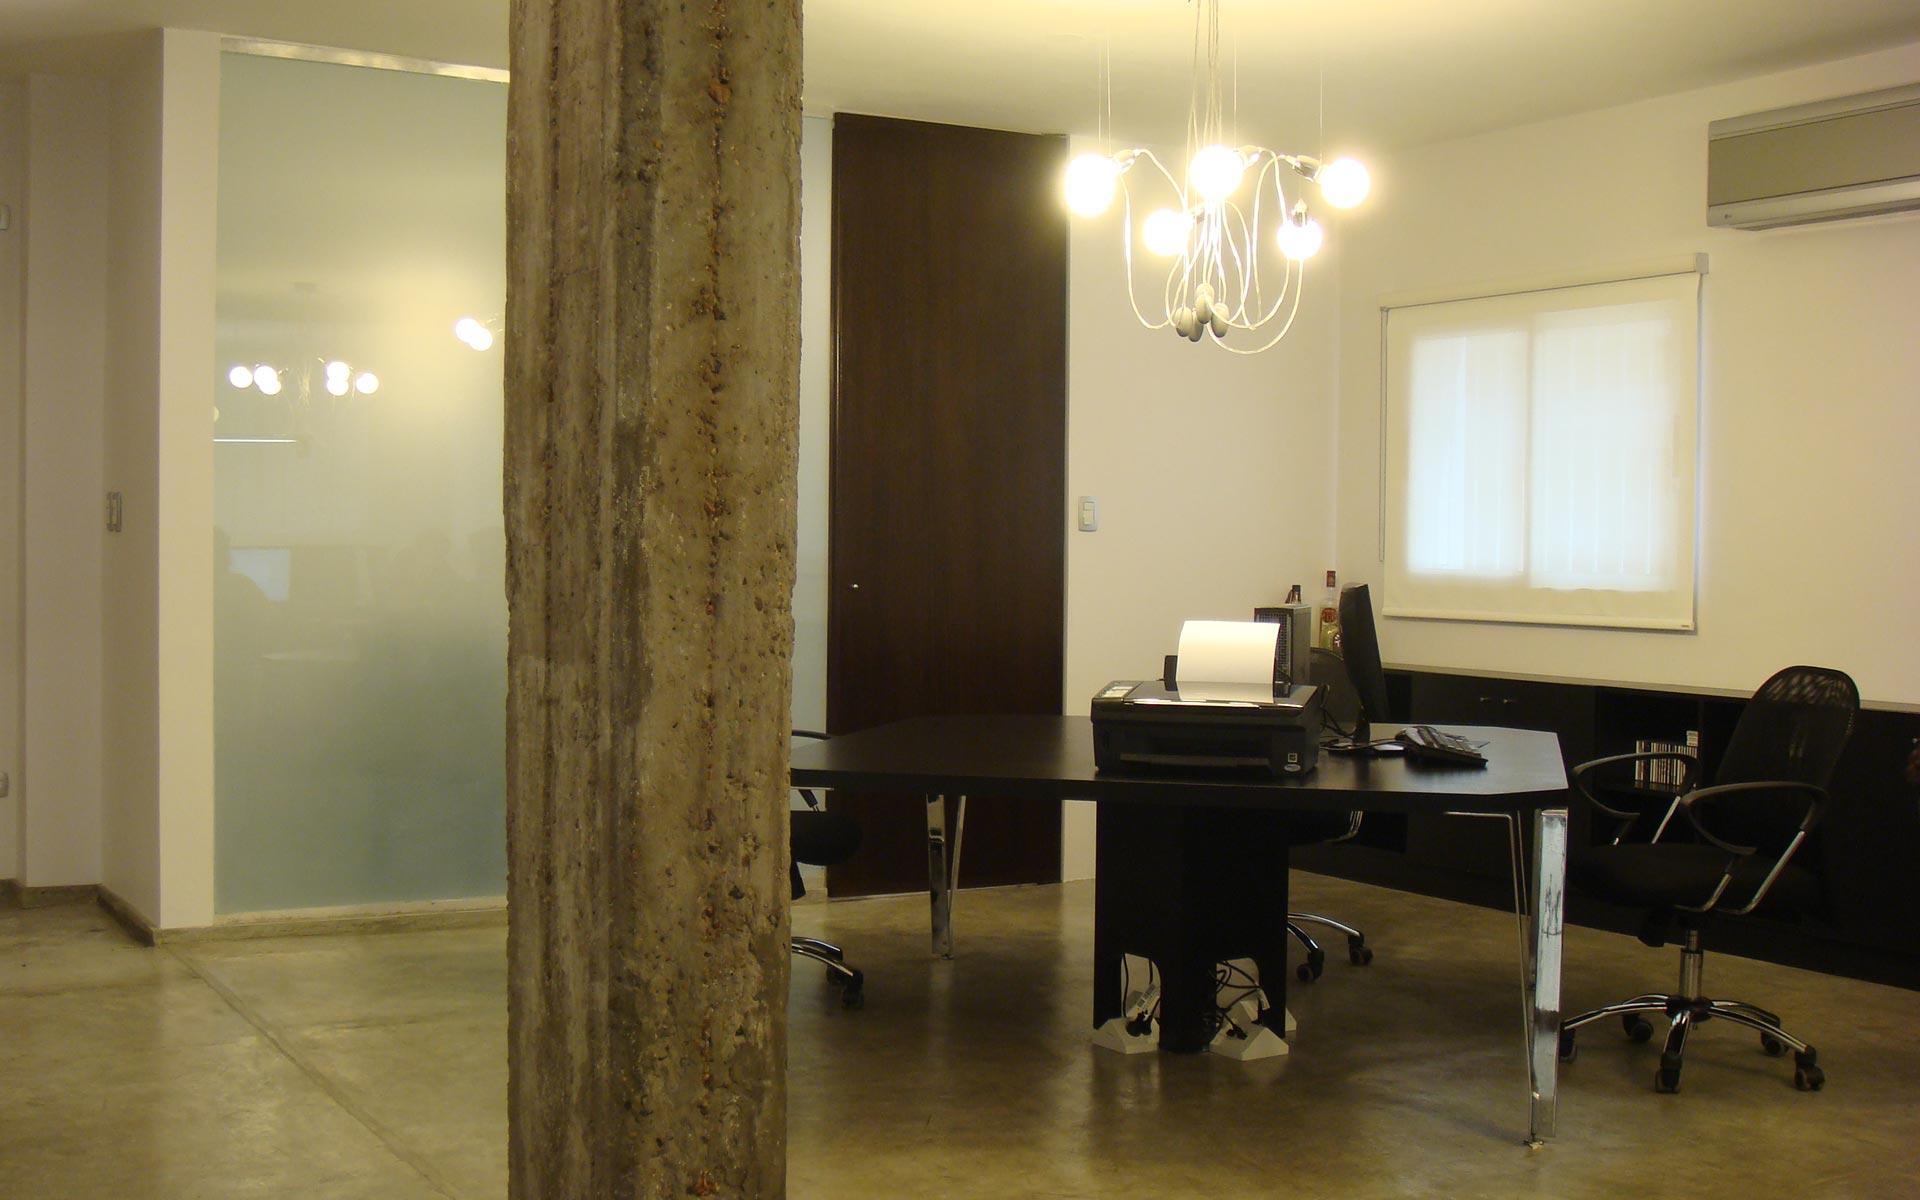 diseño interior, reforma oficina, sala general